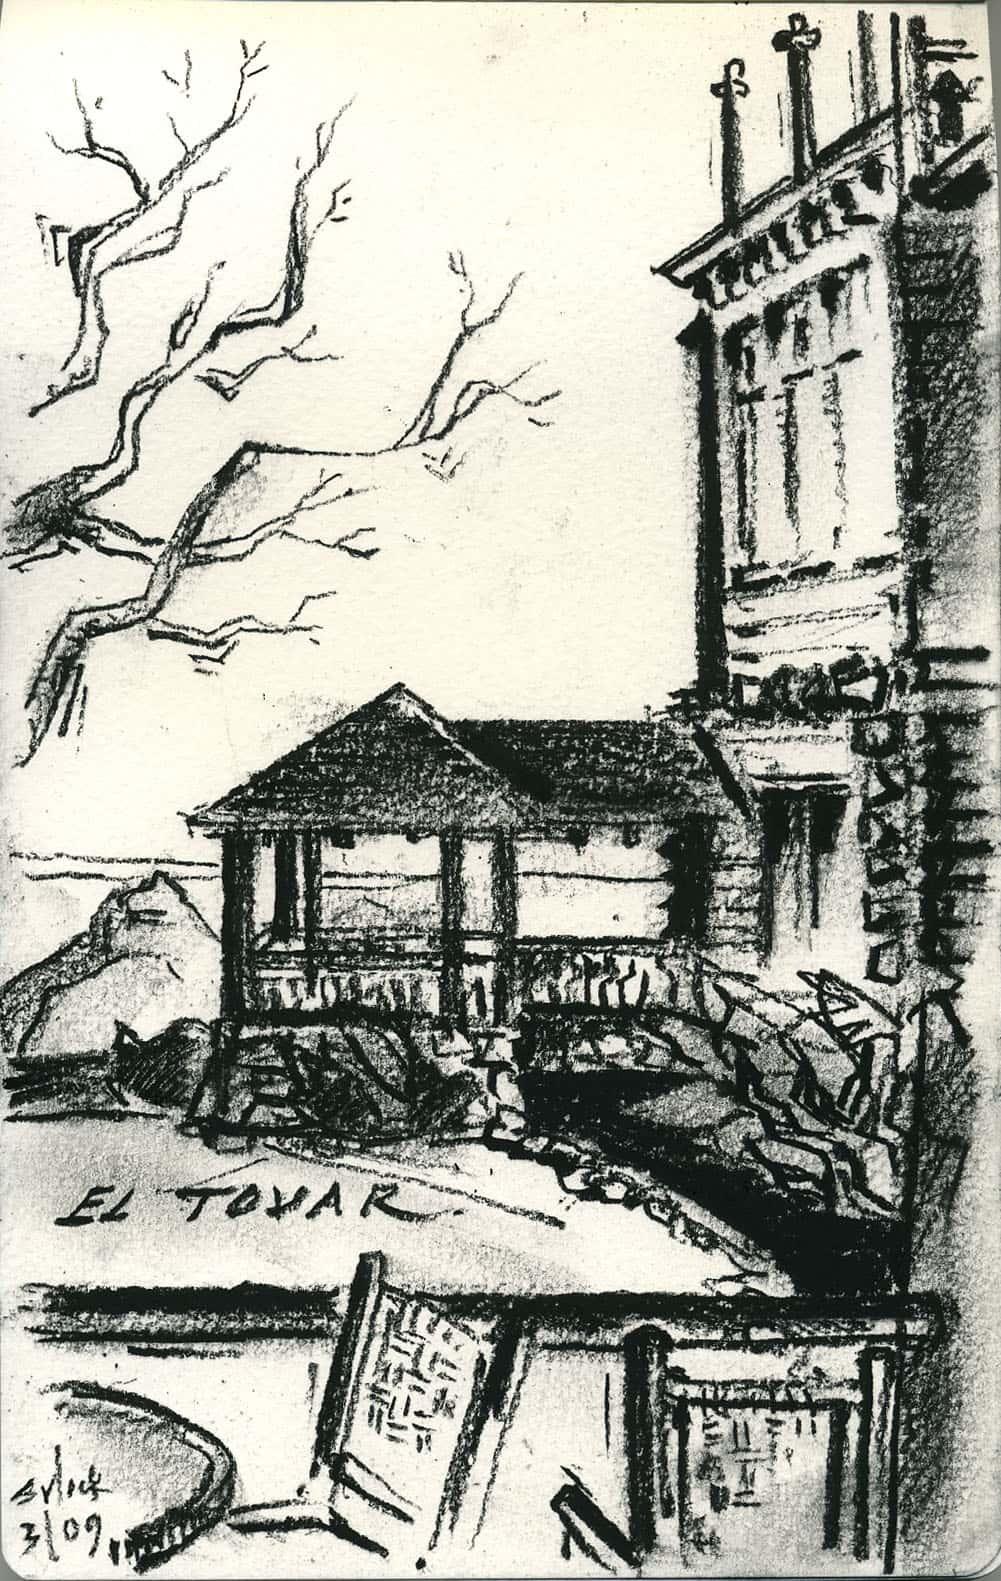 El Tovar Bar-min.jpg